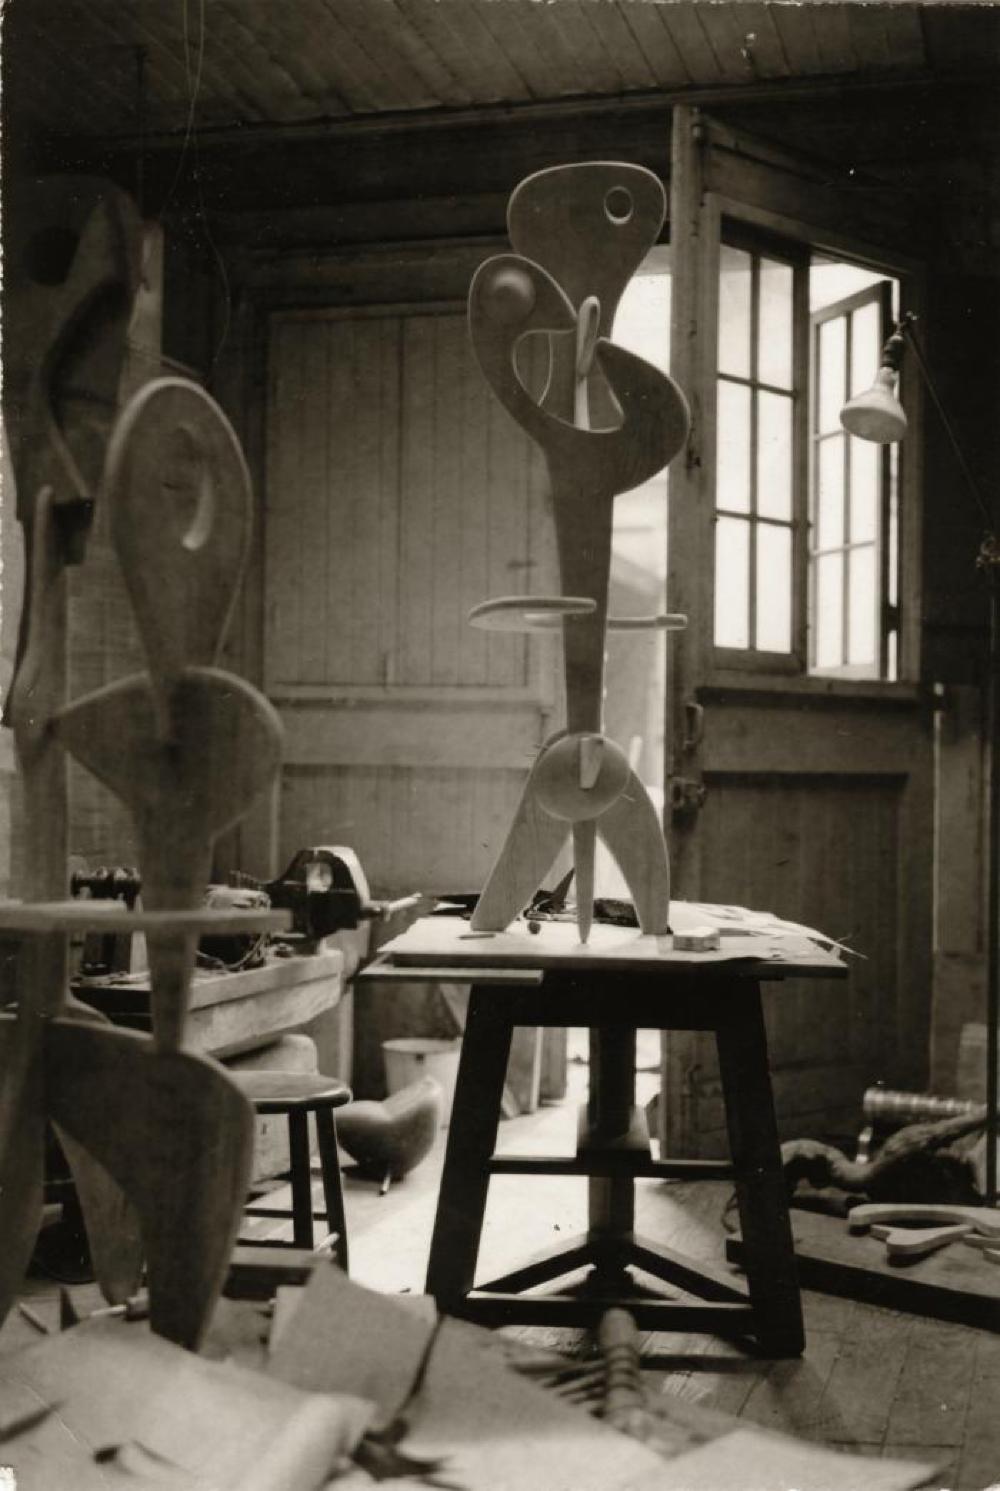 Work in progress, Structure, in Isamu Noguchi's MacDougal Alley Studio